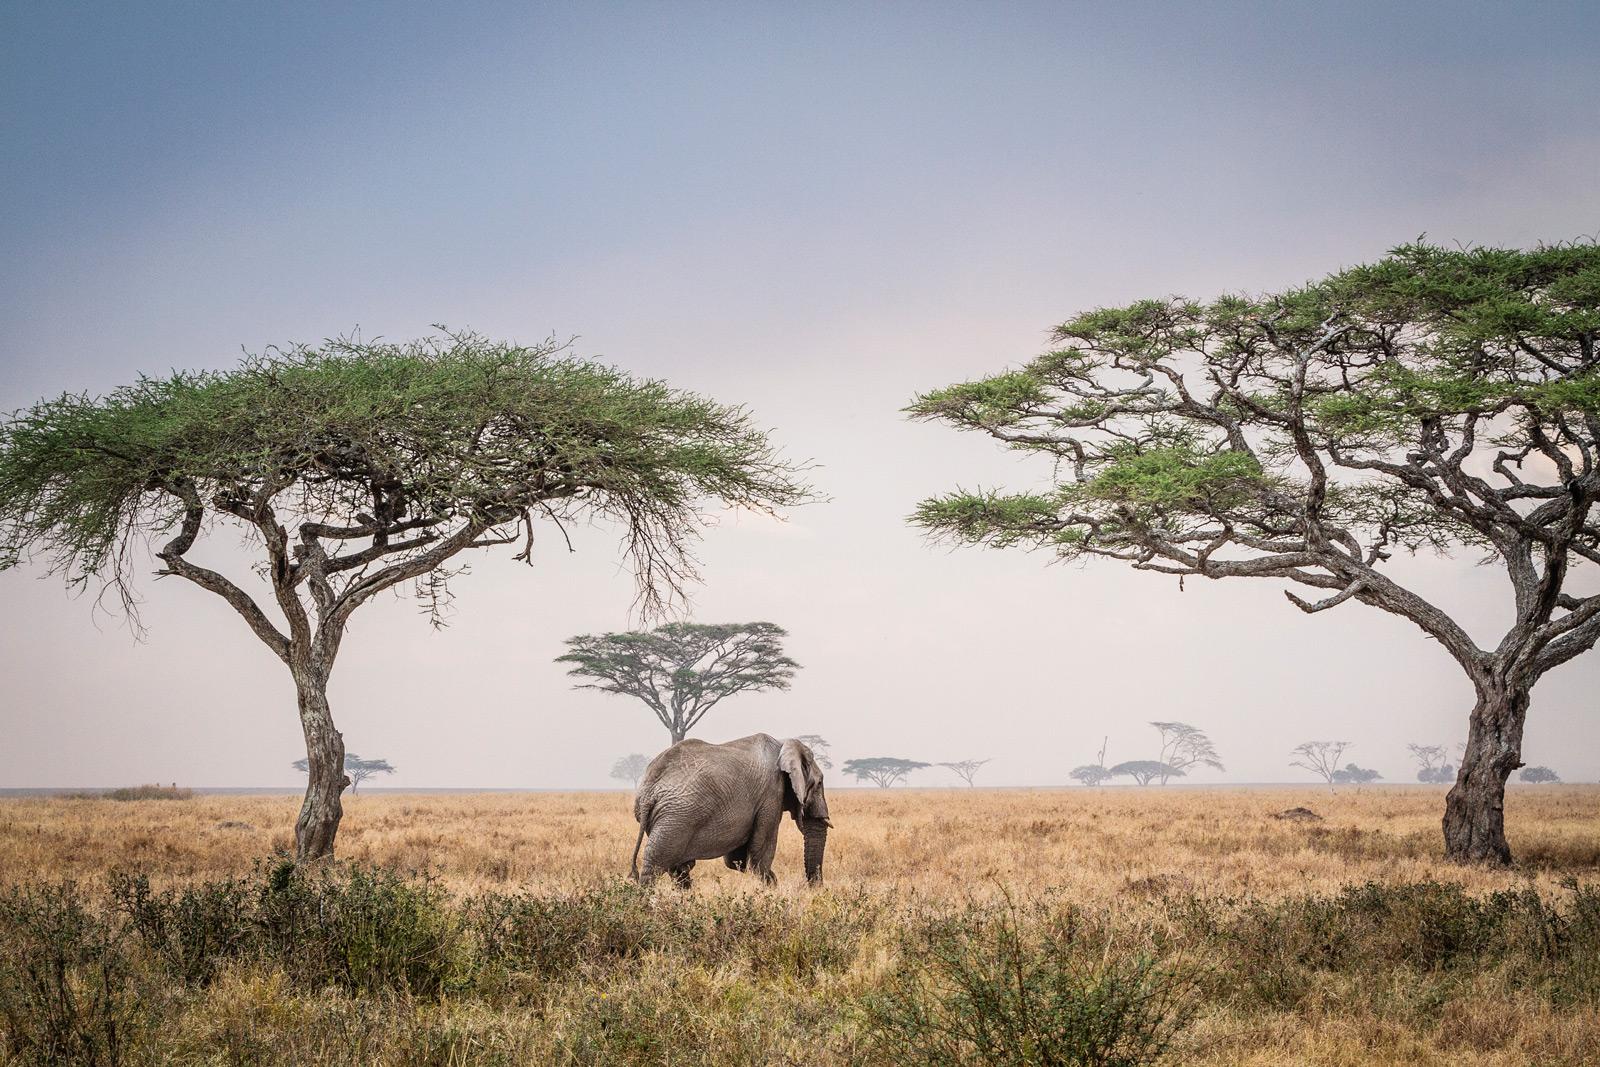 Reflections on Elephants